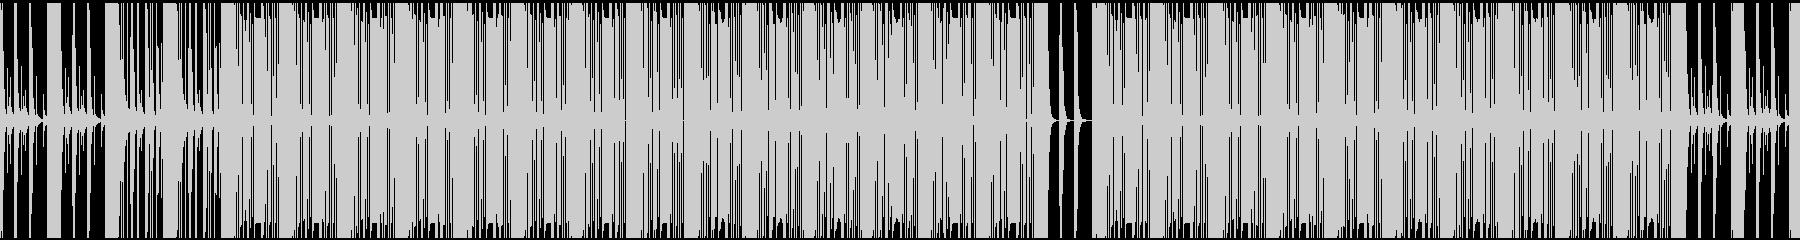 勢いと迫力がインパクトあるメロディーの未再生の波形